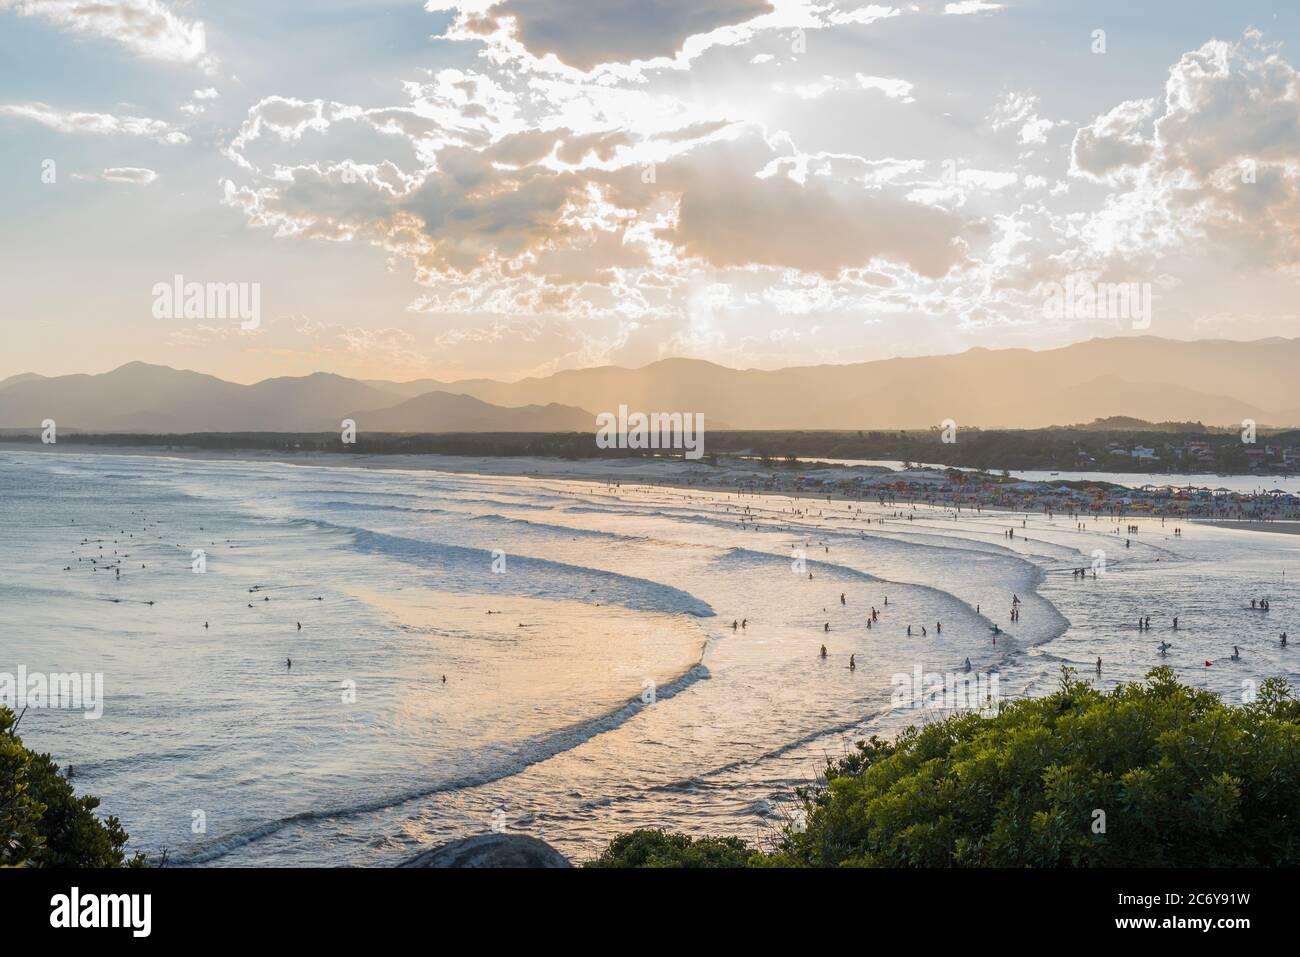 Sunset at Guarda do Embaú beach Stock Photo